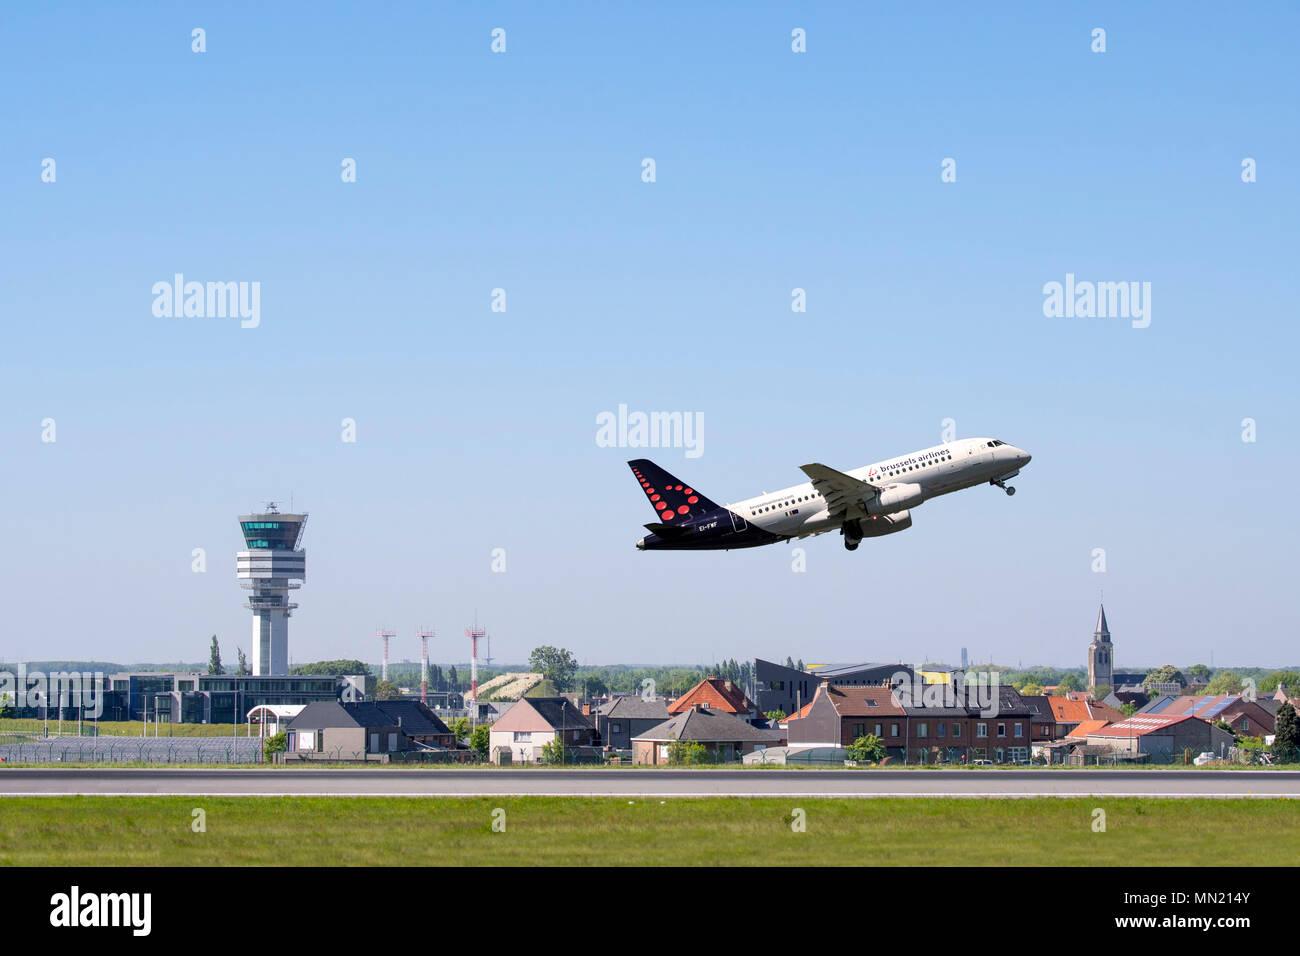 Torre di controllo dell'aeroporto di Bruxelles e il villaggio Steenokkerzeel dietro la pista di Brussels Airlines mentre aereo è tenuto spento, Zaventem, Belgio Immagini Stock